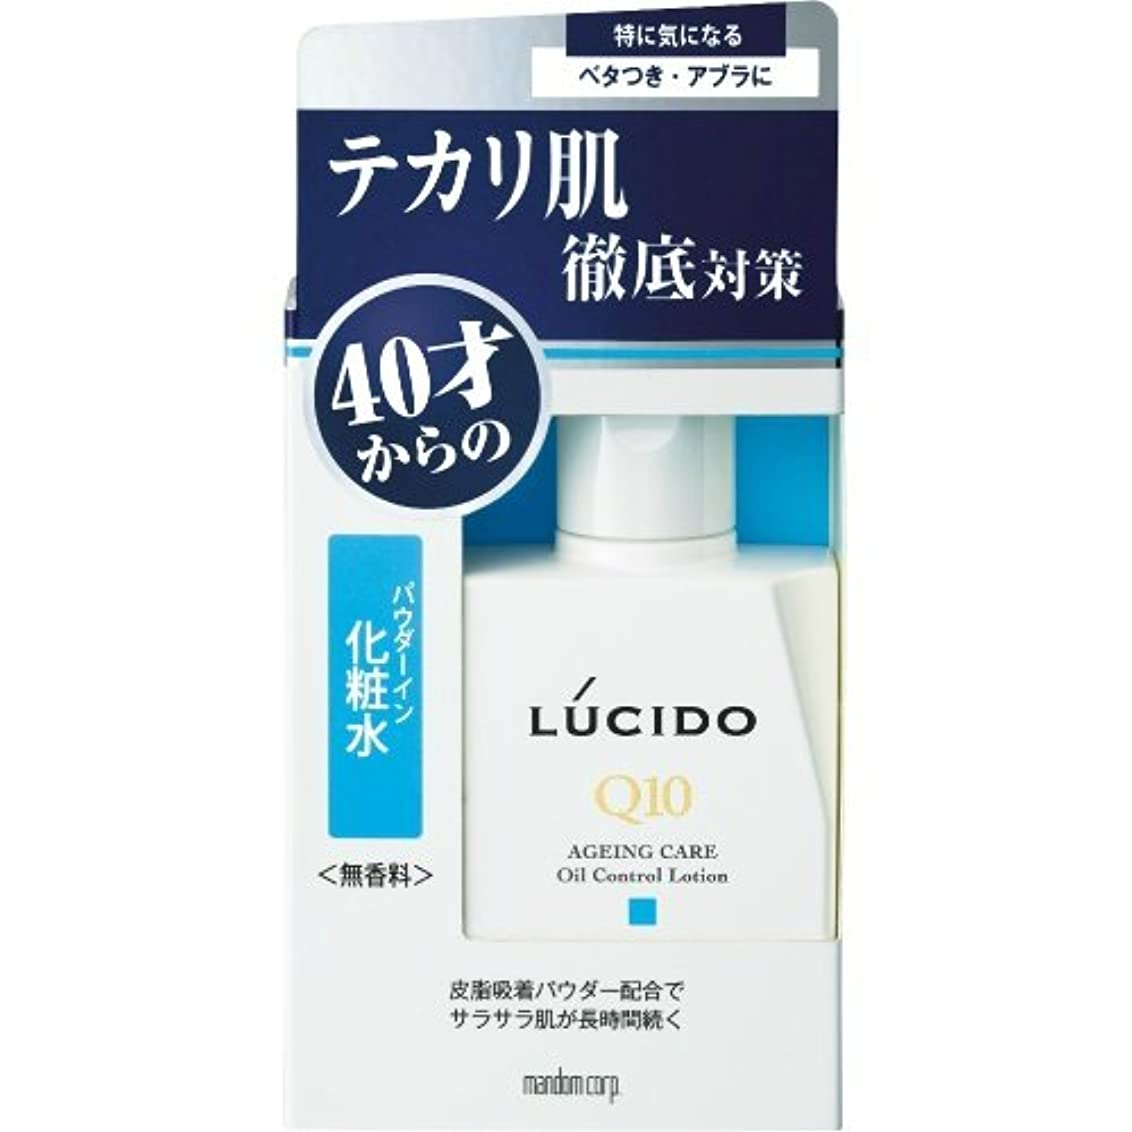 出費しなければならないプラカードMANDOM マンダム ルシード 薬用オイルコントロール パウダーイン化粧水 無香料 100ml ×3点セット(4902806107685)